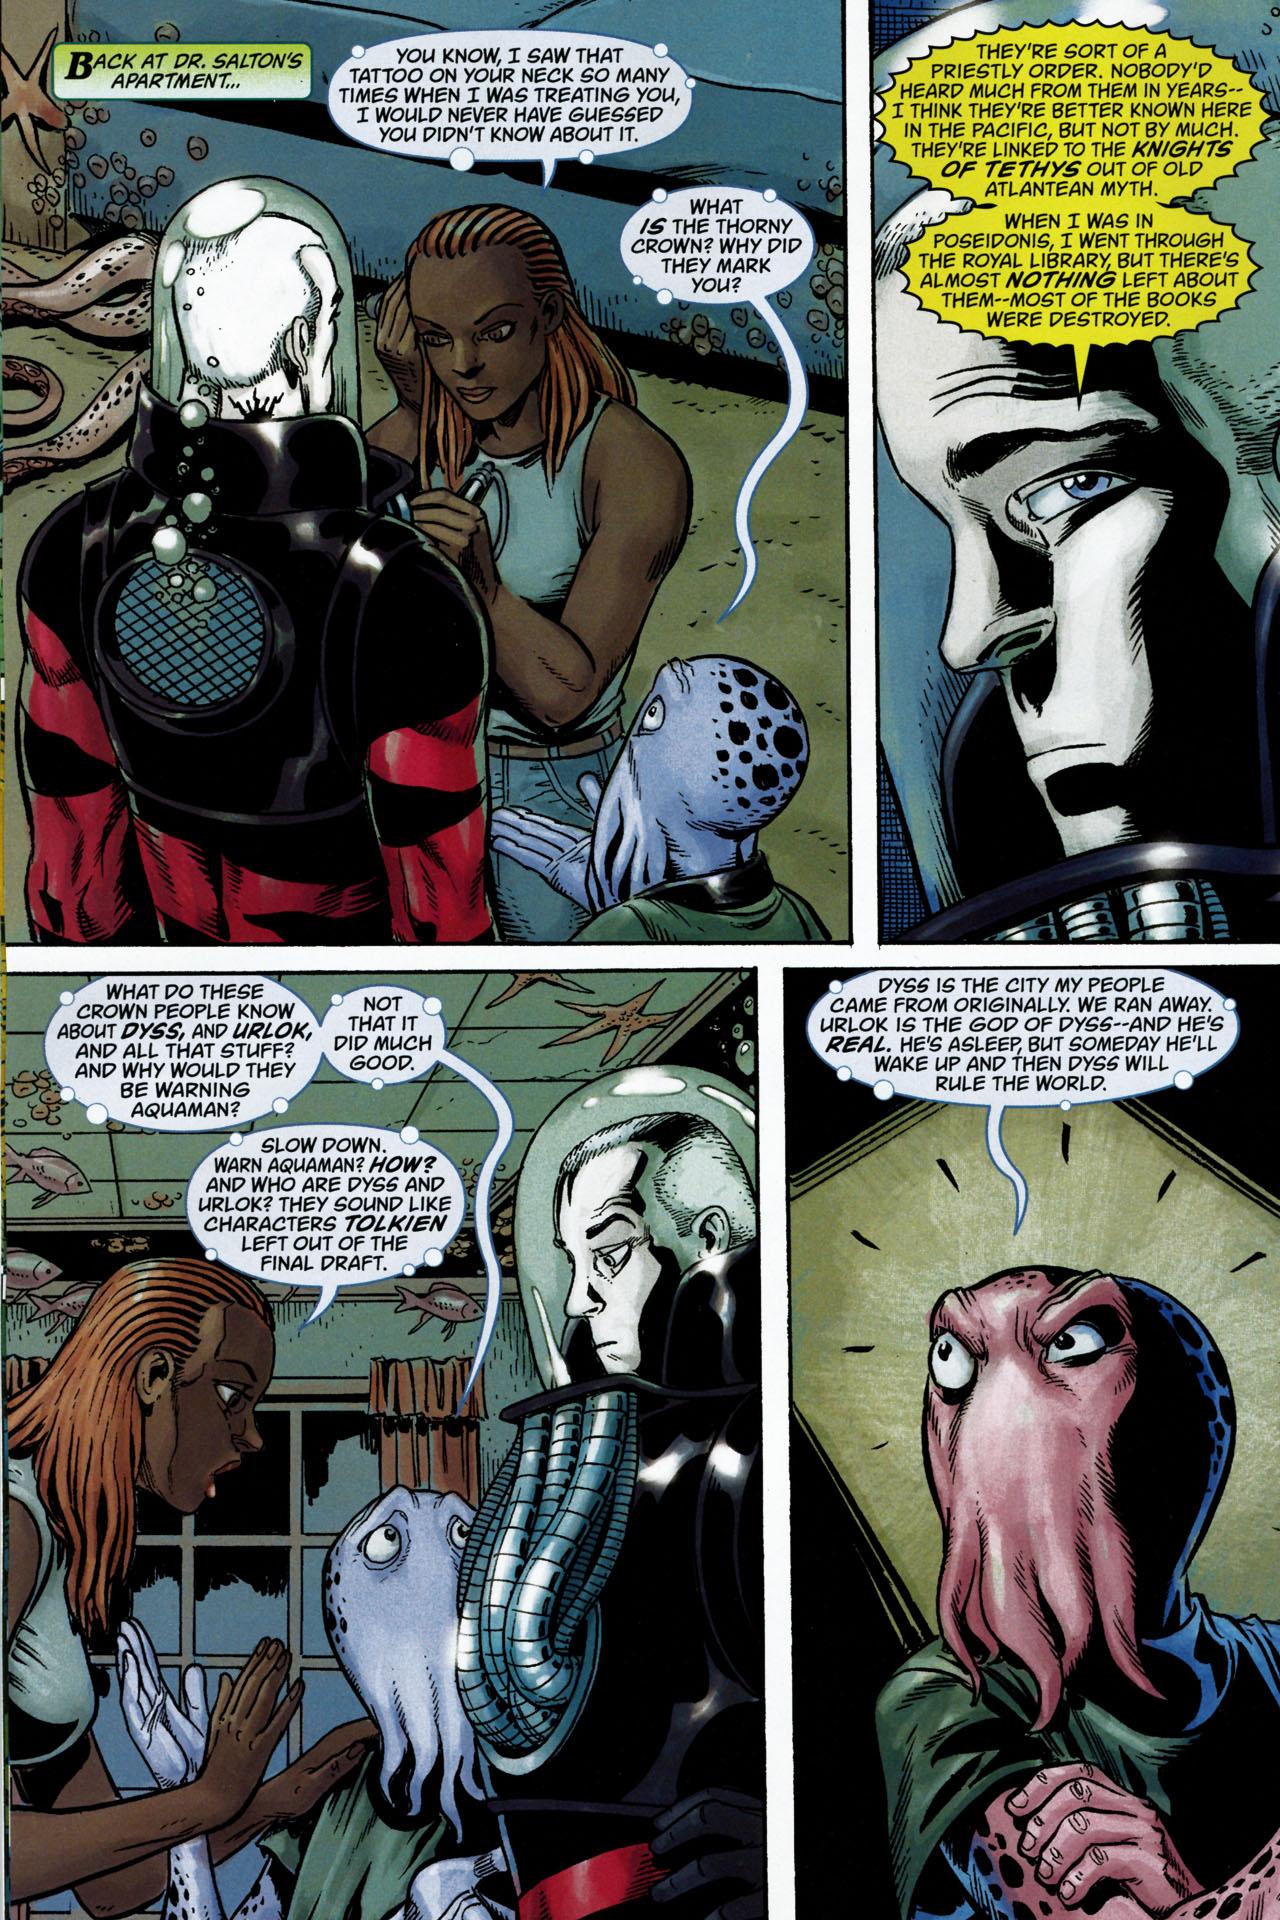 Read online Aquaman: Sword of Atlantis comic -  Issue #53 - 6